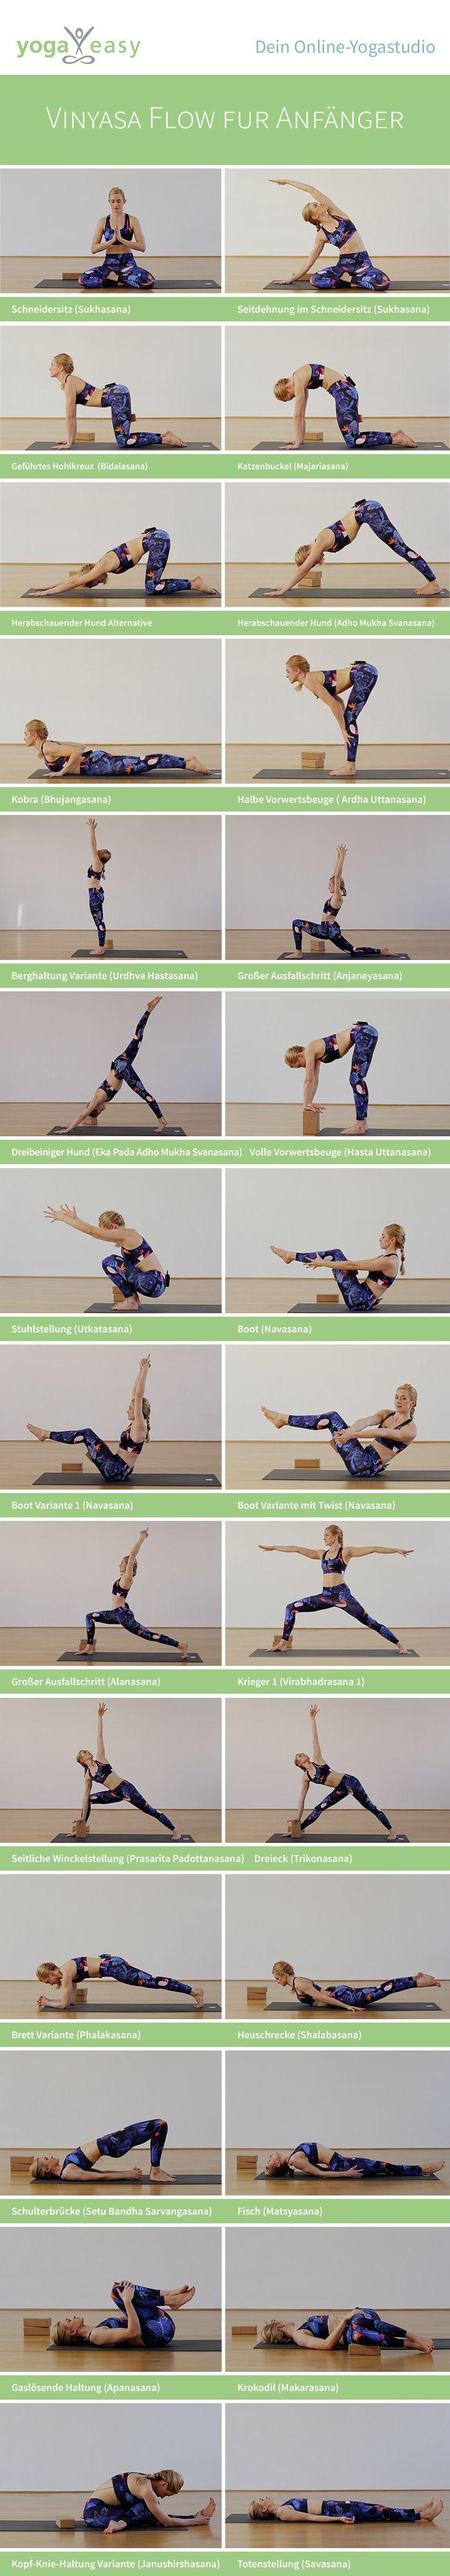 Yoga für Anfänger   der basic doktor yoga flow.   Yoga anfänger ...